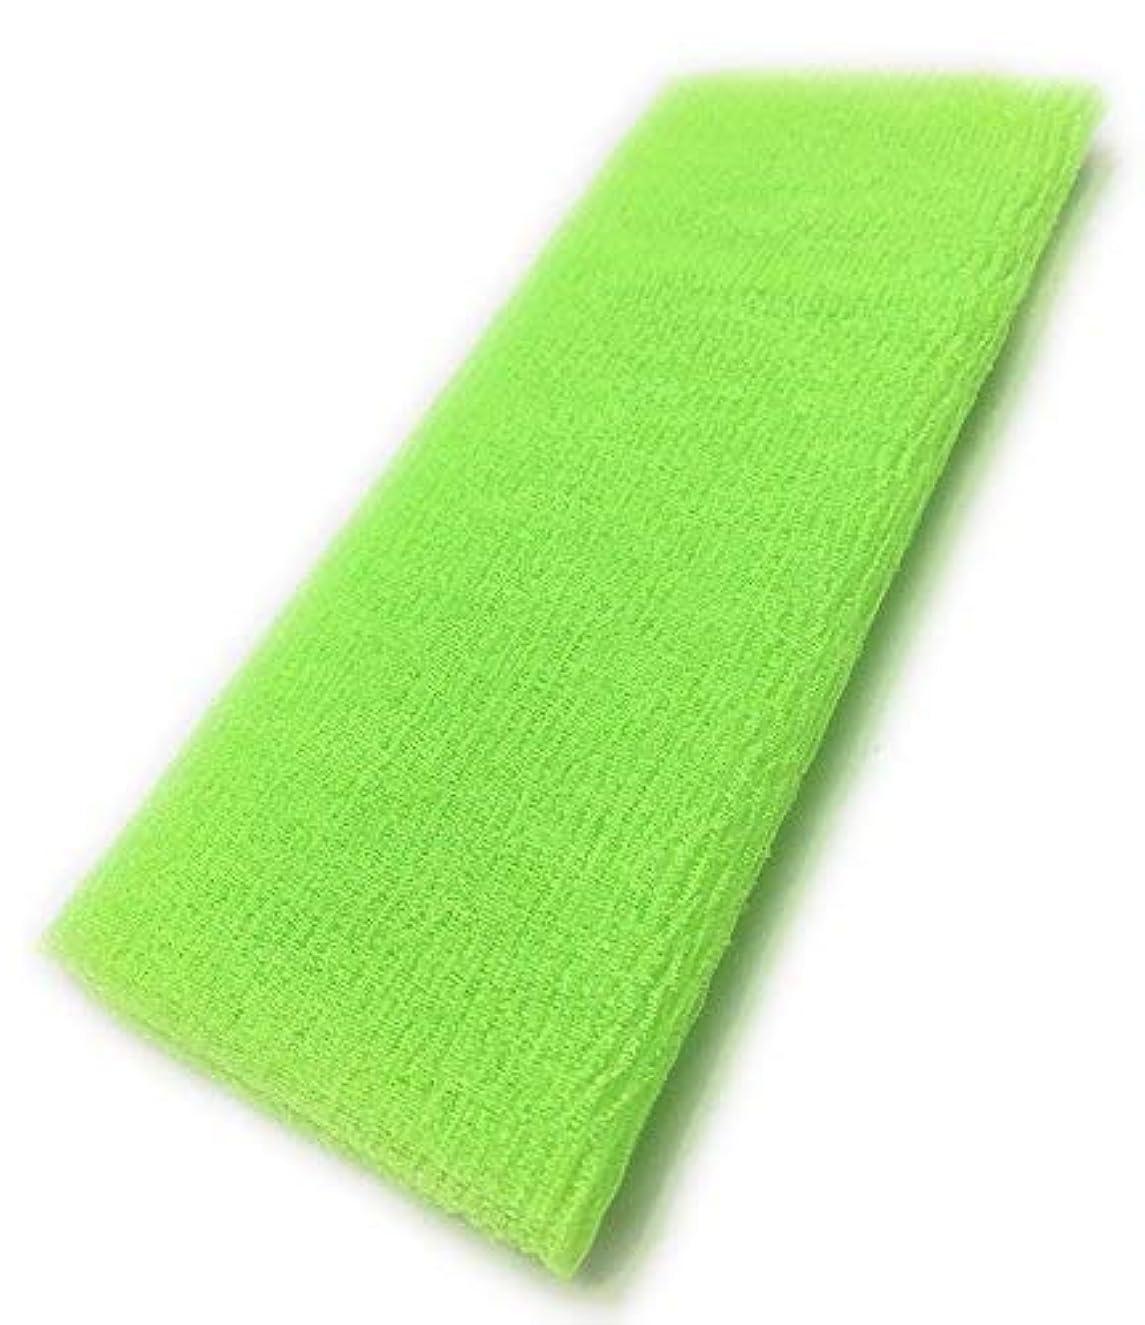 ミサイルお舌Maltose あかすりタオル ボディタオル ロングボディブラシ やわらか 濃密泡 背中 お風呂用 メンズ 4色 (グリーン)